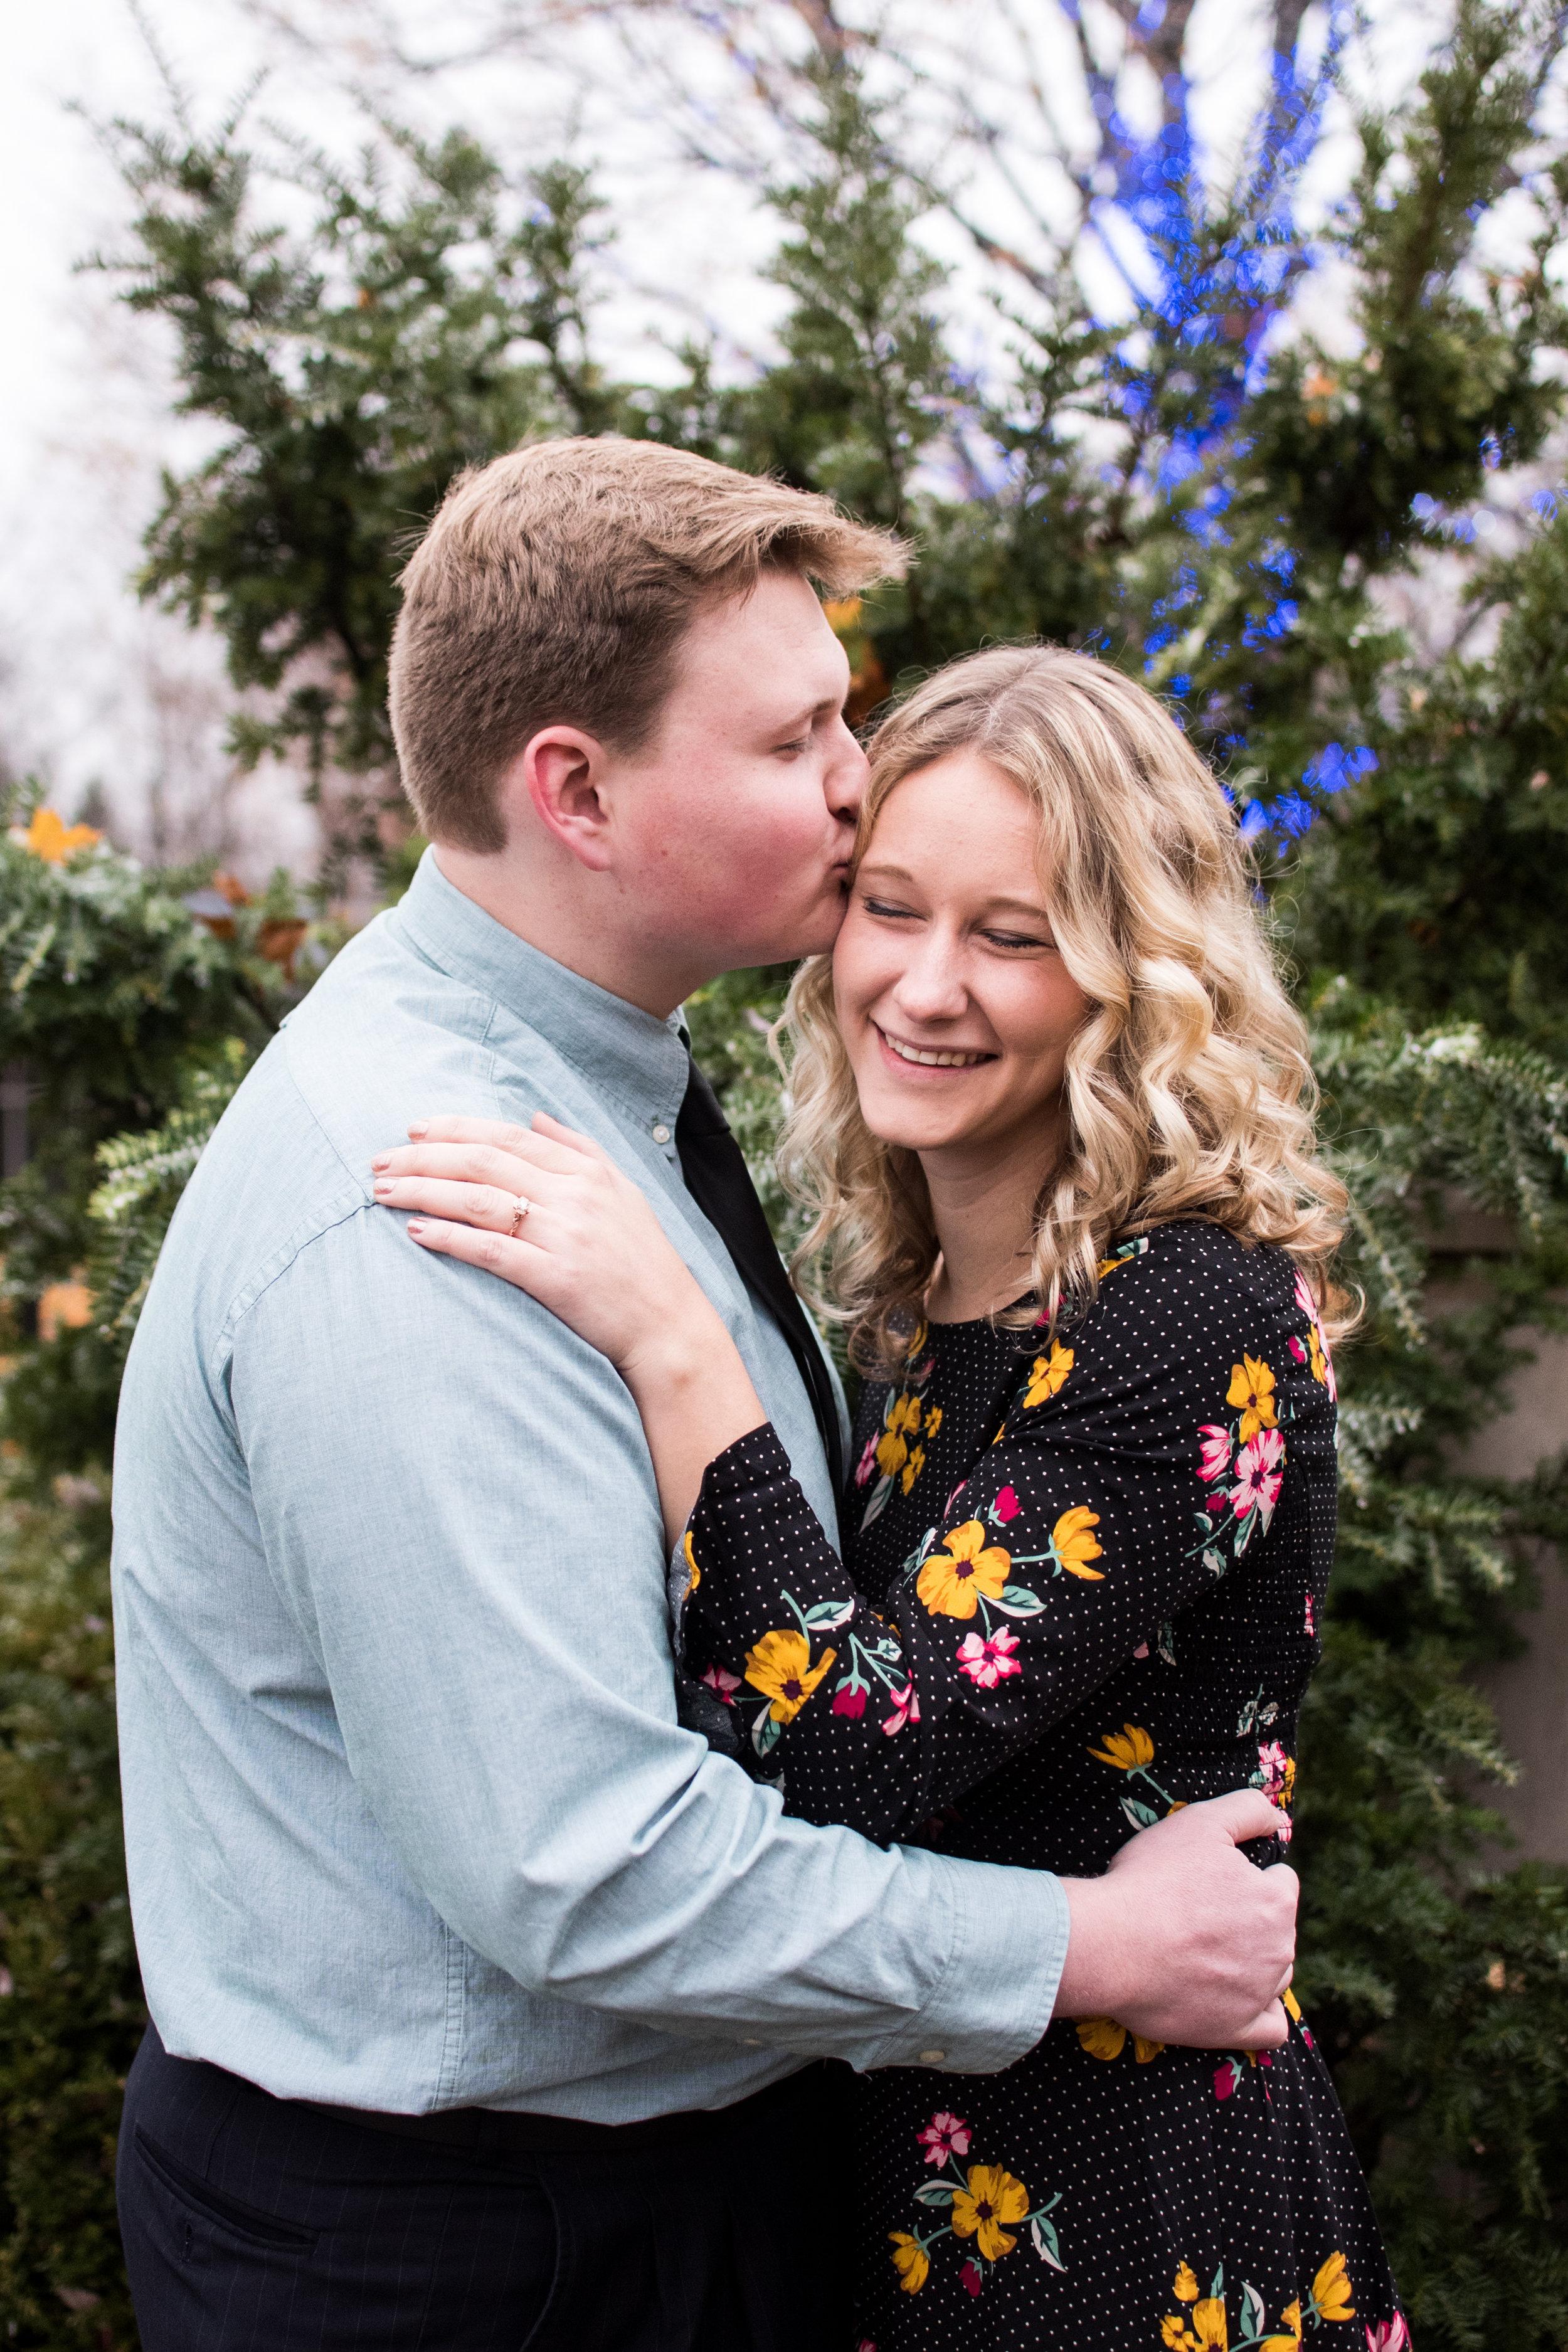 Kyla Jo Photography // Indianapolis Indiana Photographer // Indianapolis Art Musueam // IMA // Engagement Photographer // Midwest Photographer // Muncie Indiana Based Photographer